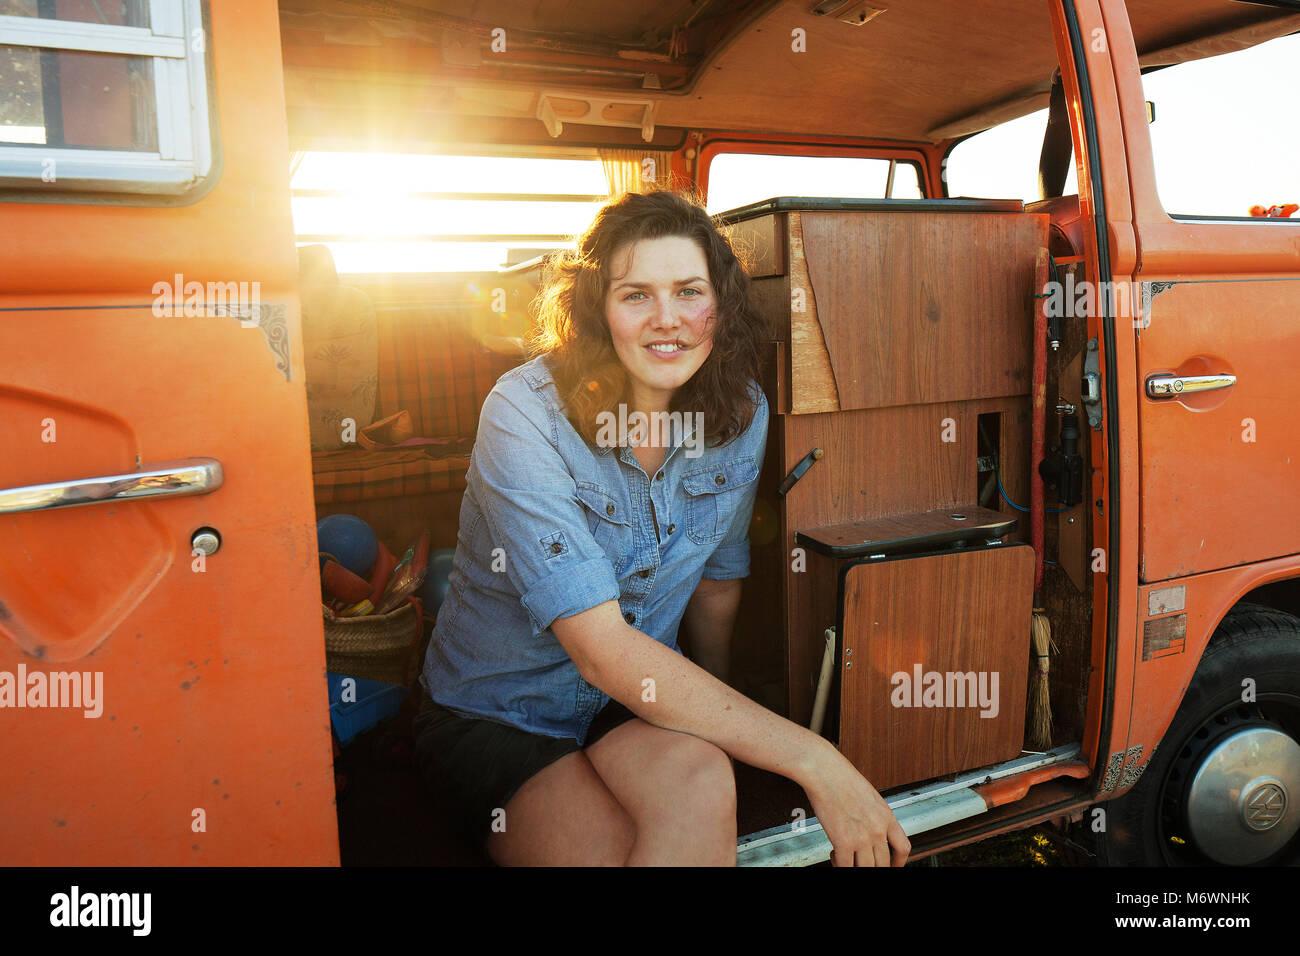 La donna nel suo furgone Immagini Stock